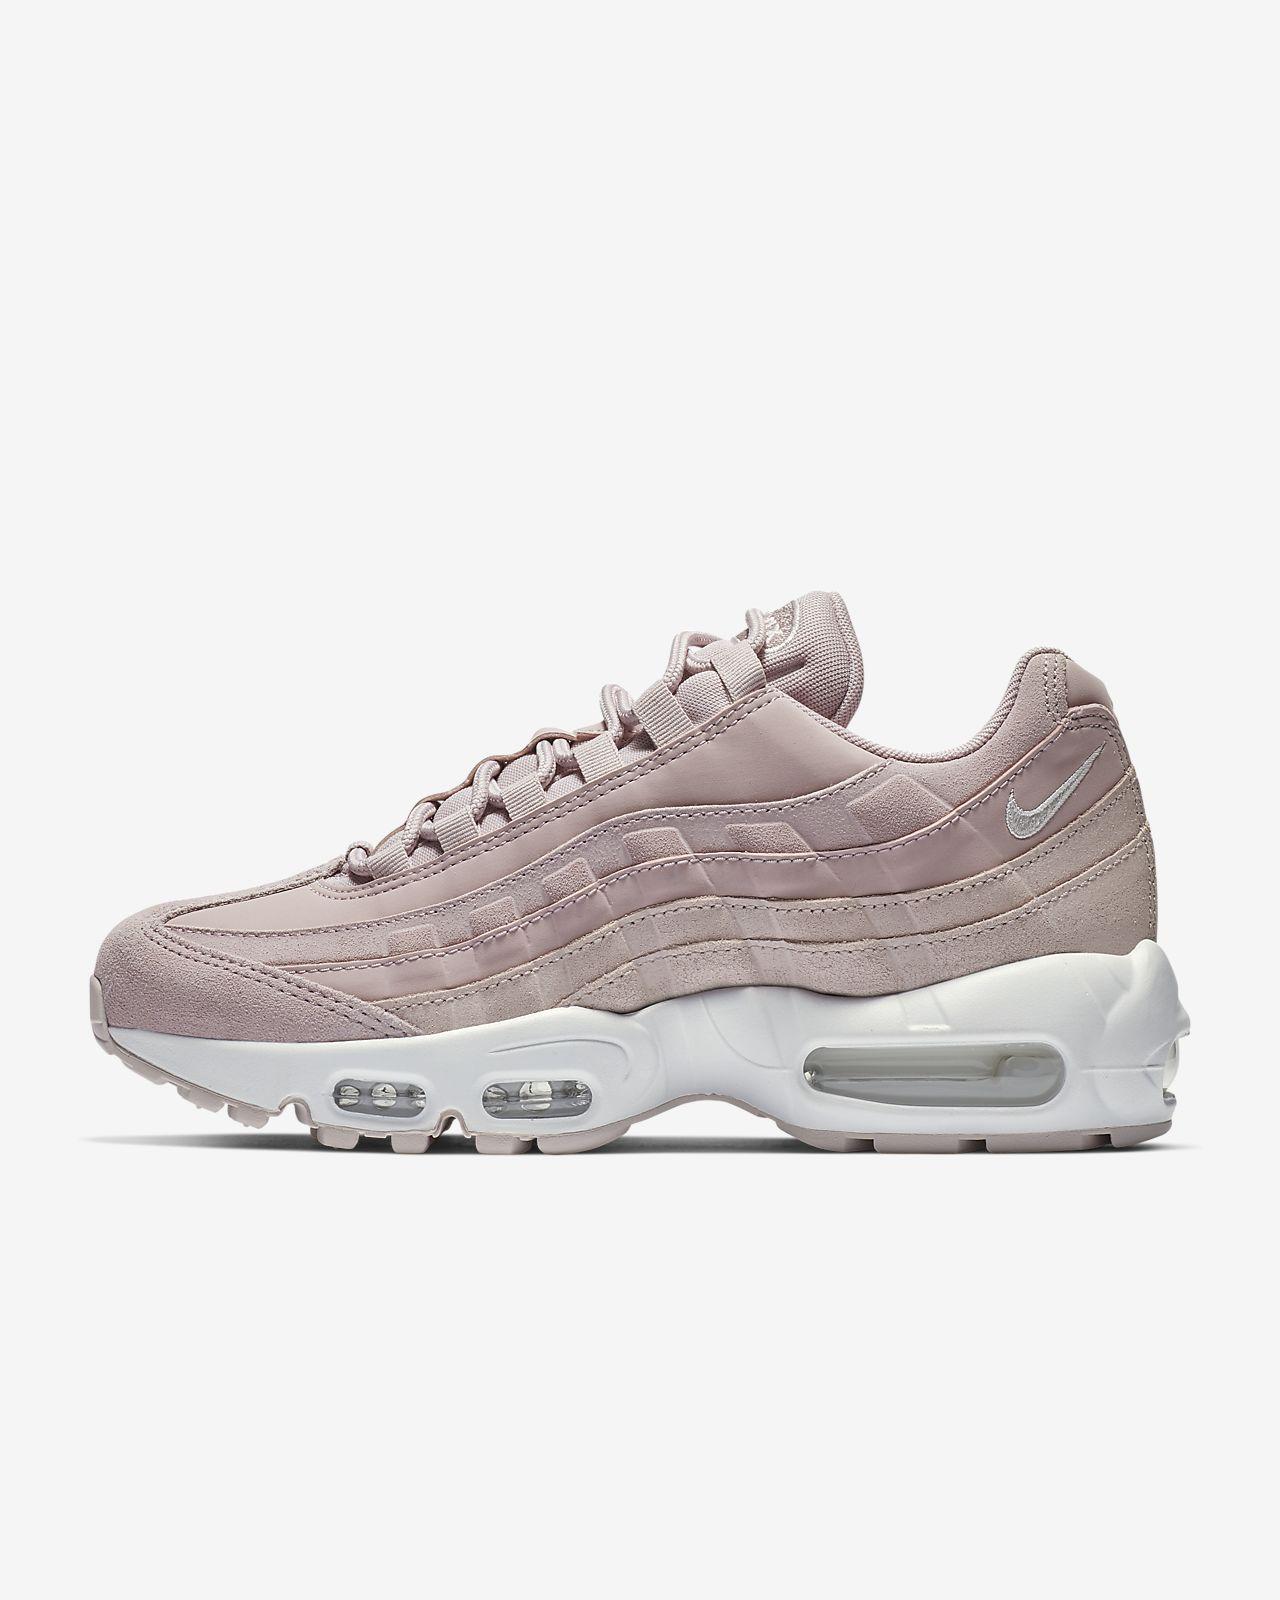 d88c586944692 Nike Air Max 95 Premium Women s Shoe. Nike.com CA